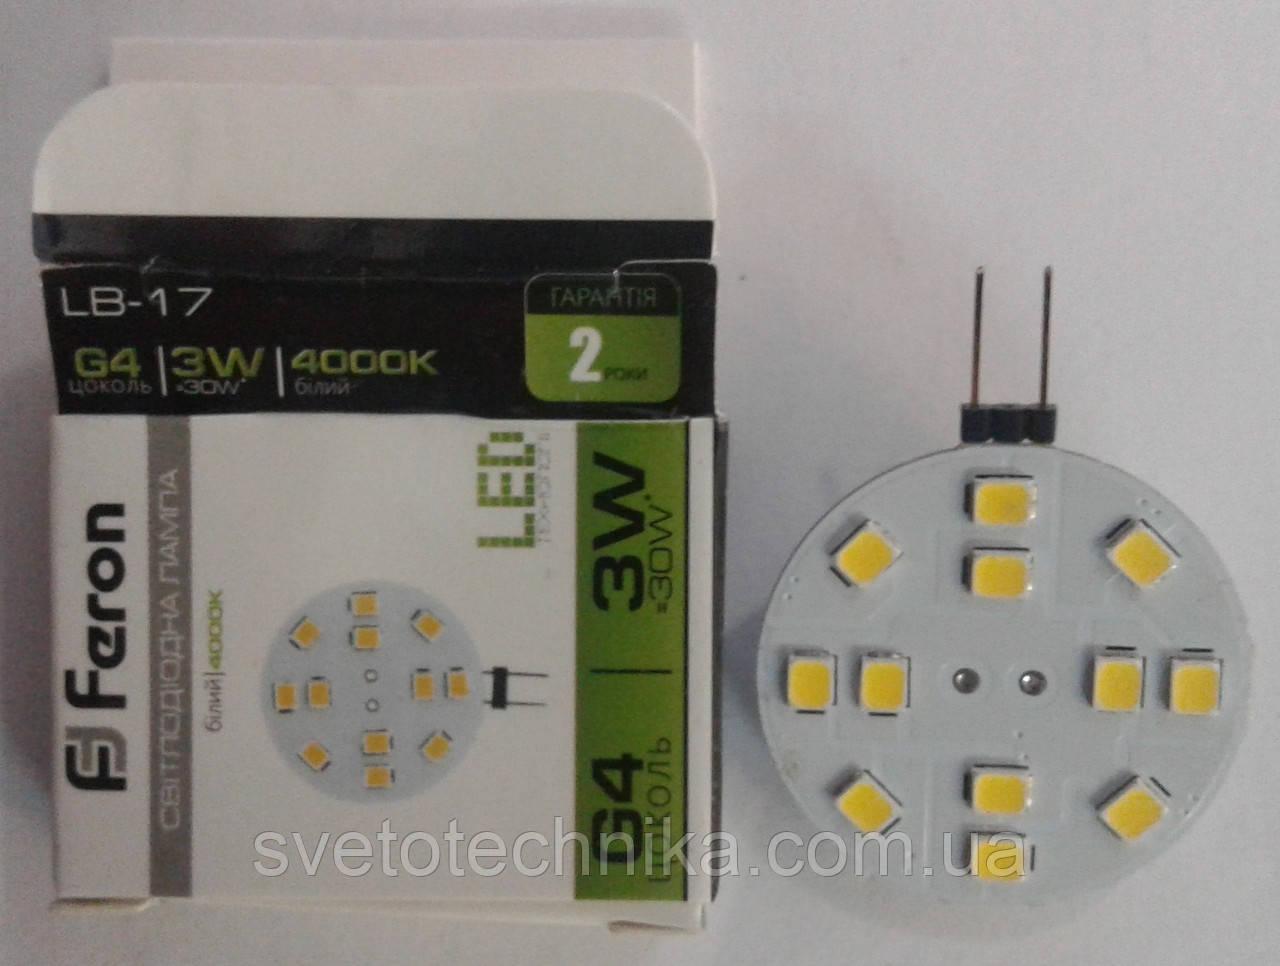 Светодиодная лампа Feron LB17 G4 (MR11) 12V 3W 4000К